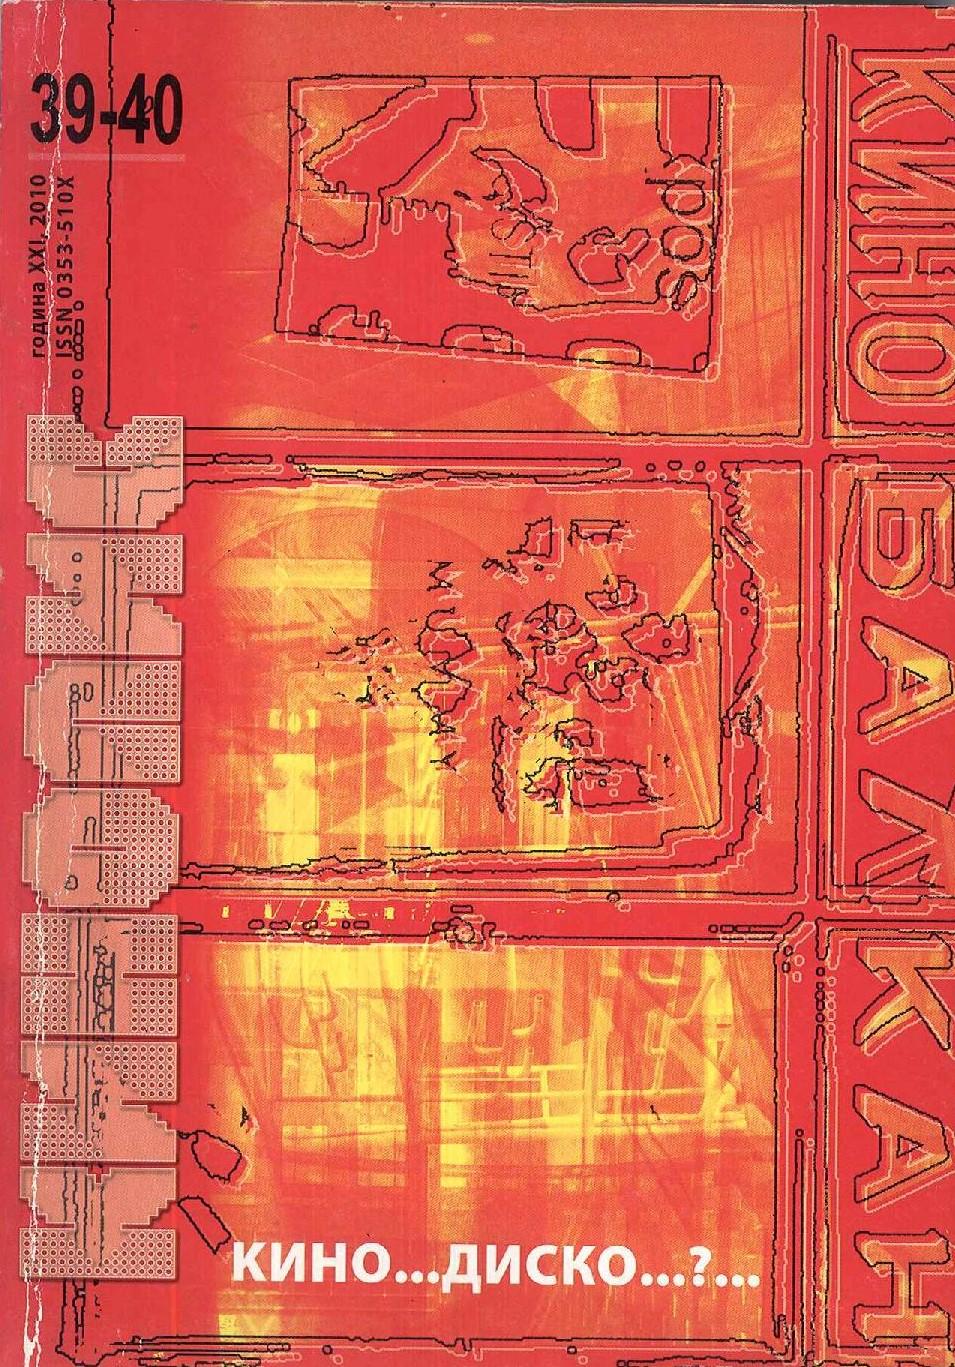 КИНОПИС БР. 39-40